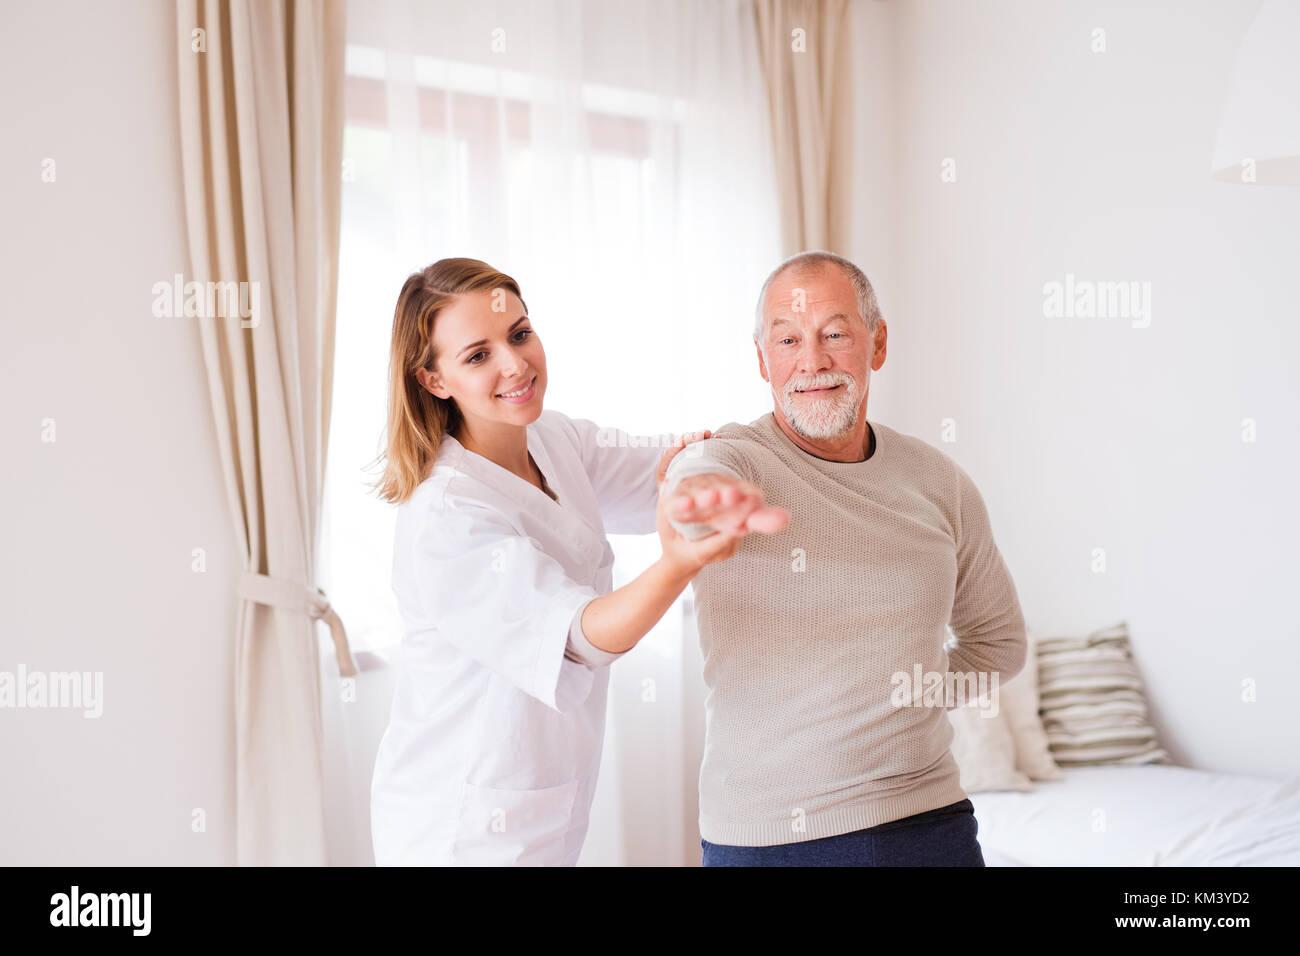 La salute dei visitatori e dei senior uomo durante la visita iniziale. Immagini Stock